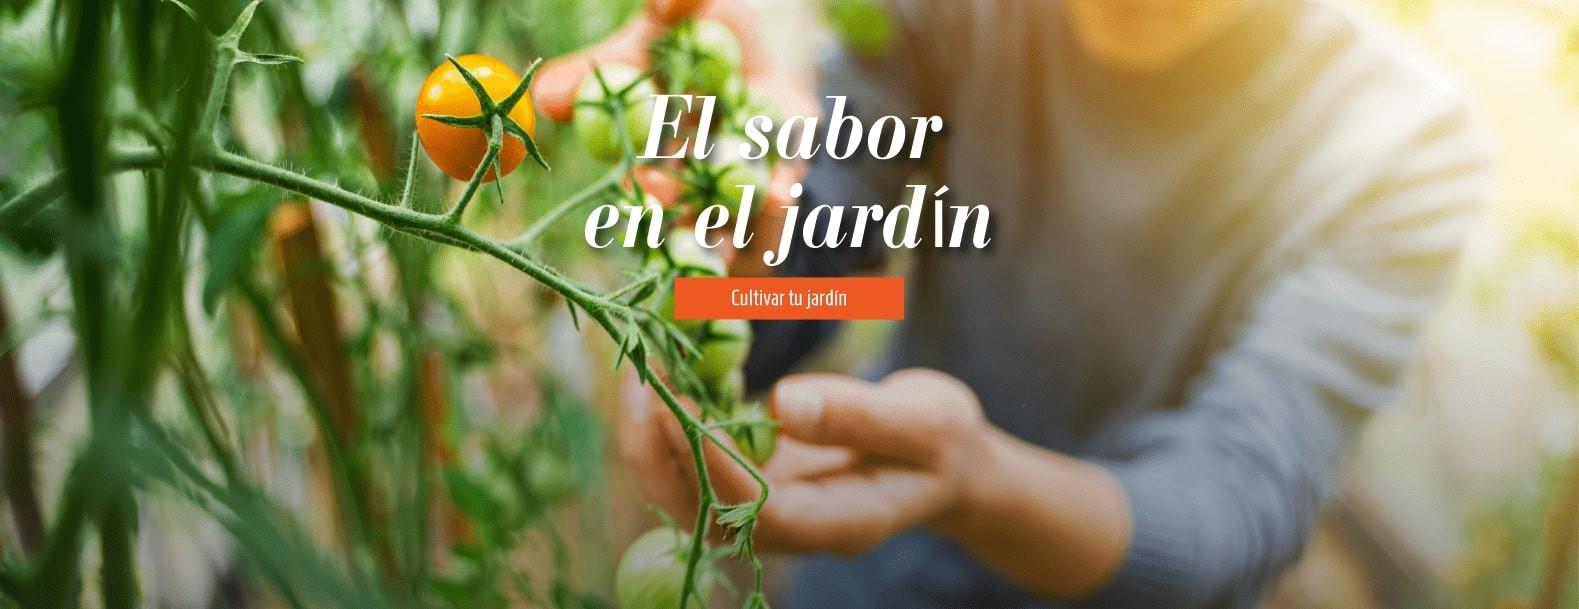 El sabor en el jardín